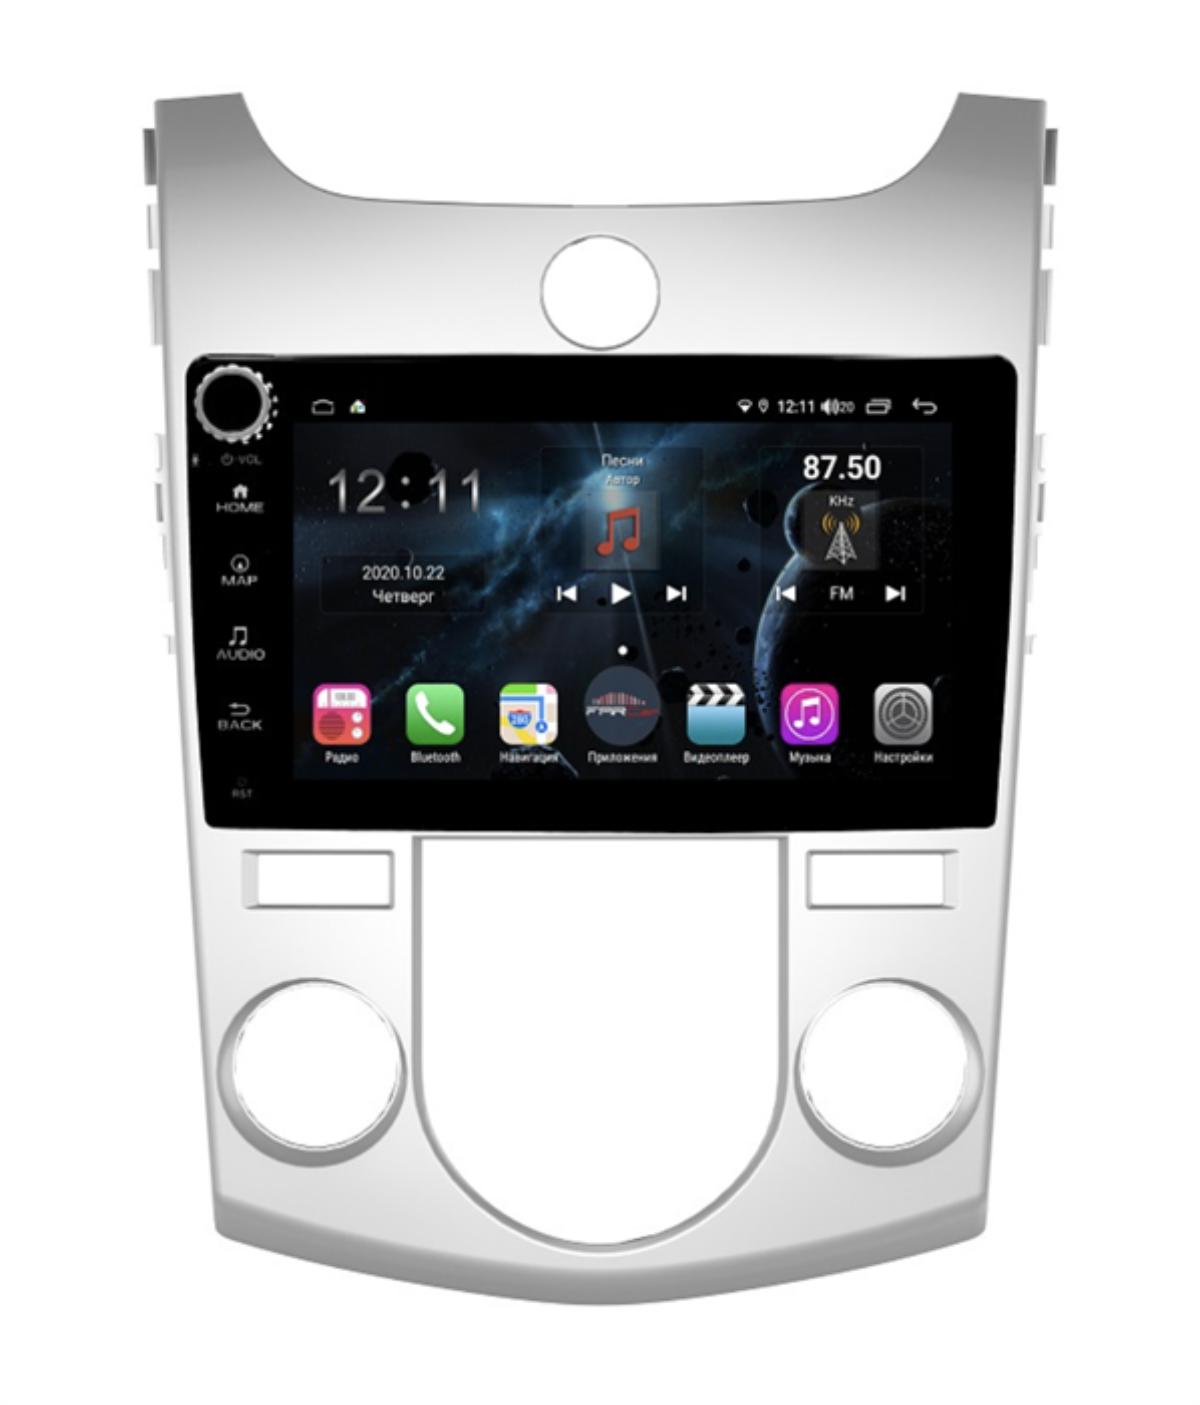 Штатная магнитола FarCar s400 для KIA Cerato на Android (H038RB) (+ Камера заднего вида в подарок!)